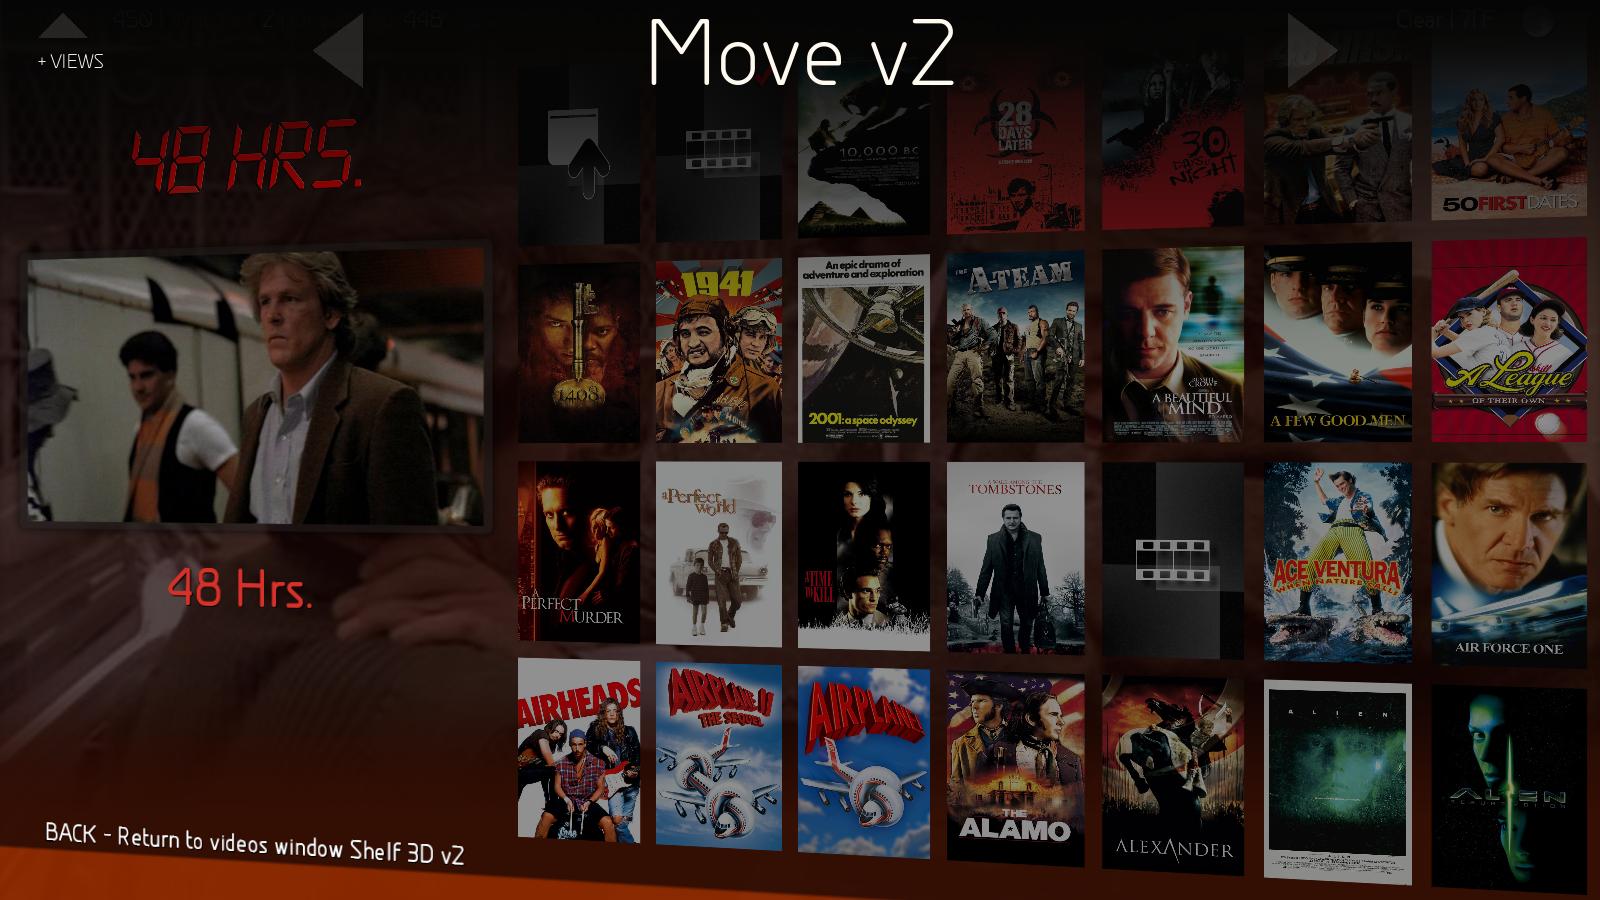 [Image: Shelf3D_move_v2.png]